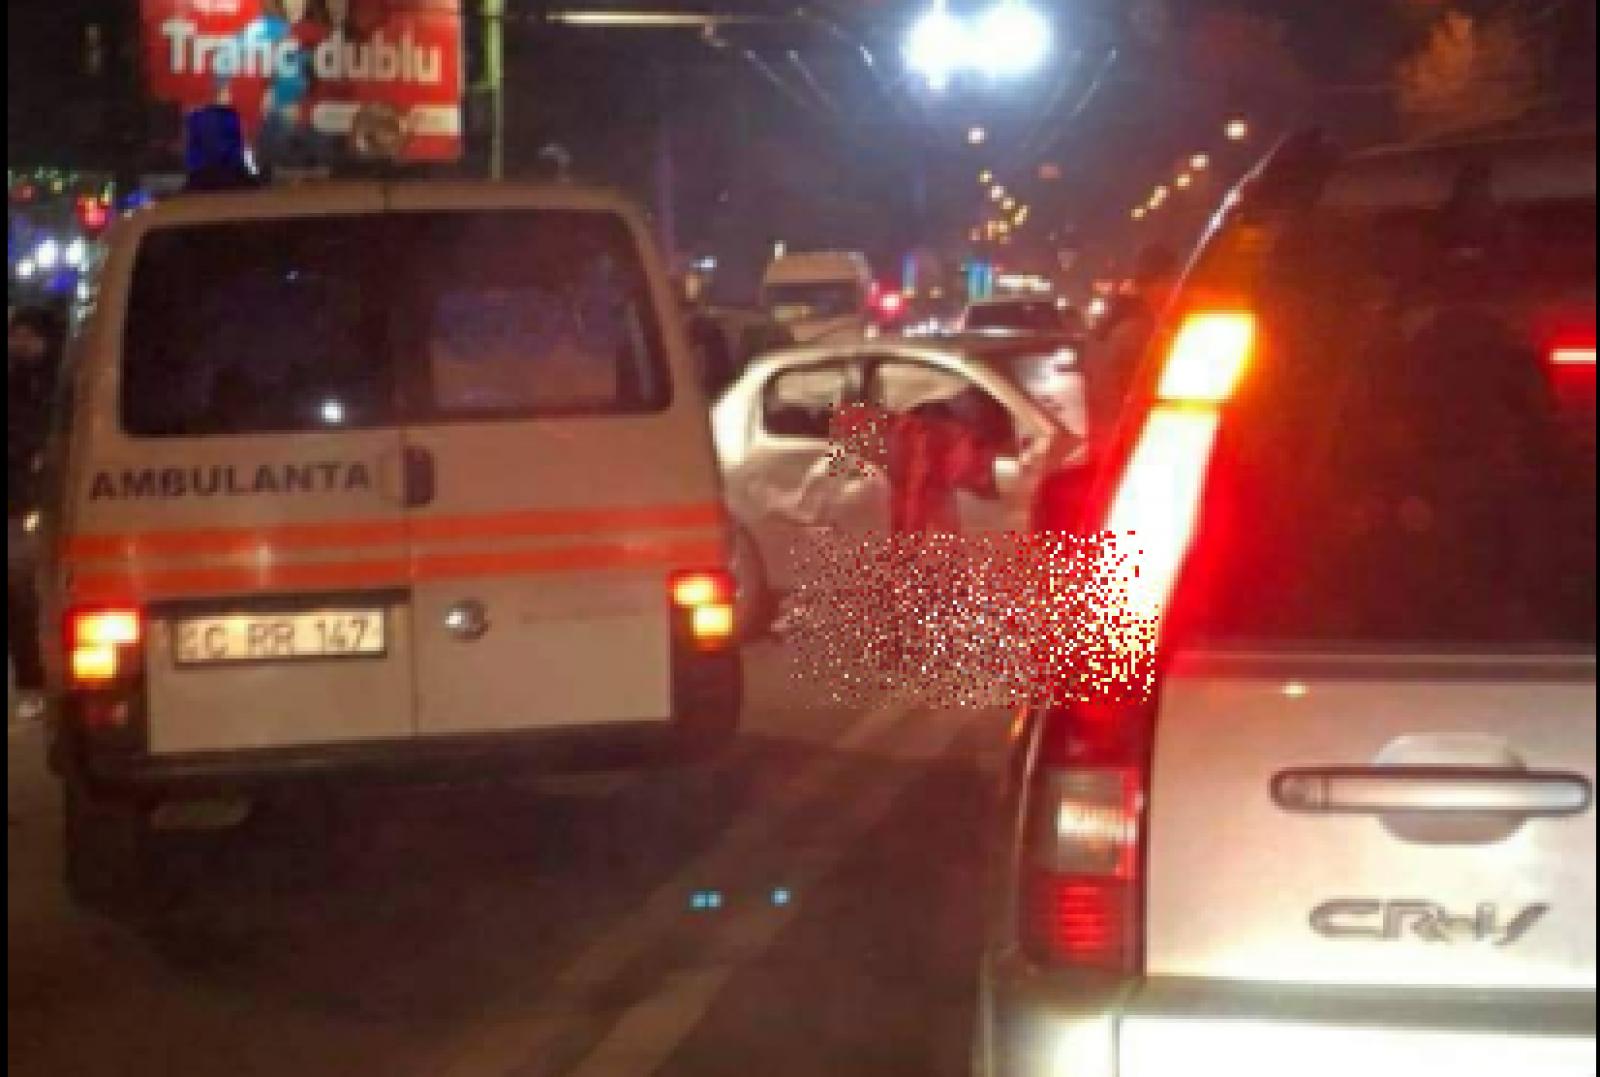 (foto) Accident mortal pe bd. Decebal din Chișinău. Un tânăr și-a pierdut viața după ce mașina în care se afla s-a ciocnit violent cu alta